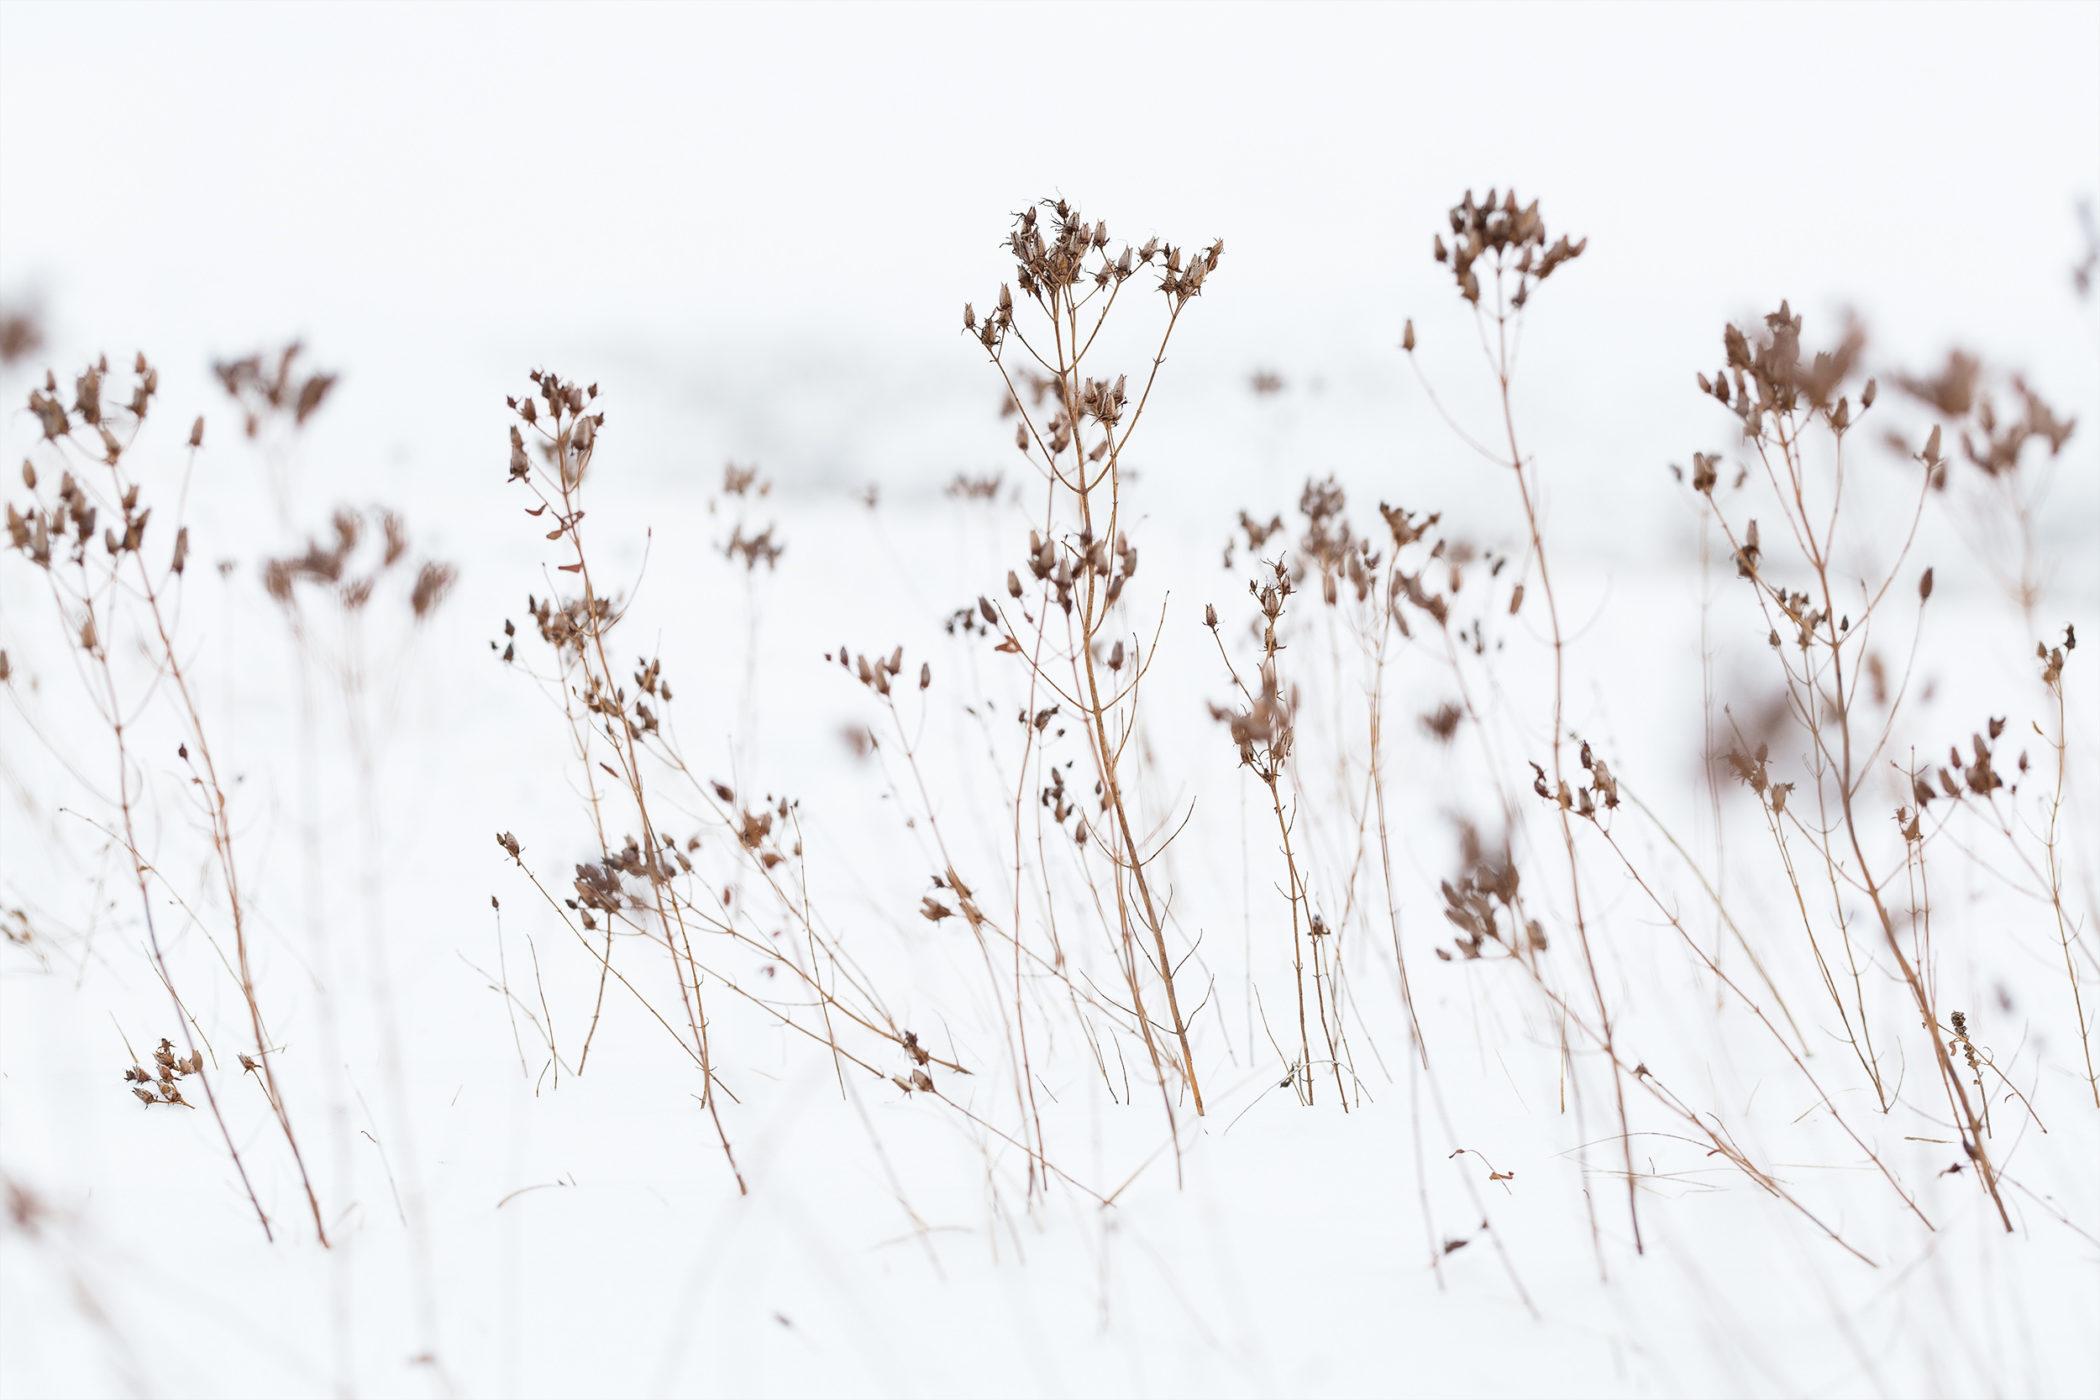 Getrocknete Gräser im Schnee. Aufgenommen am Kalksteinfelsen bei Undingen.